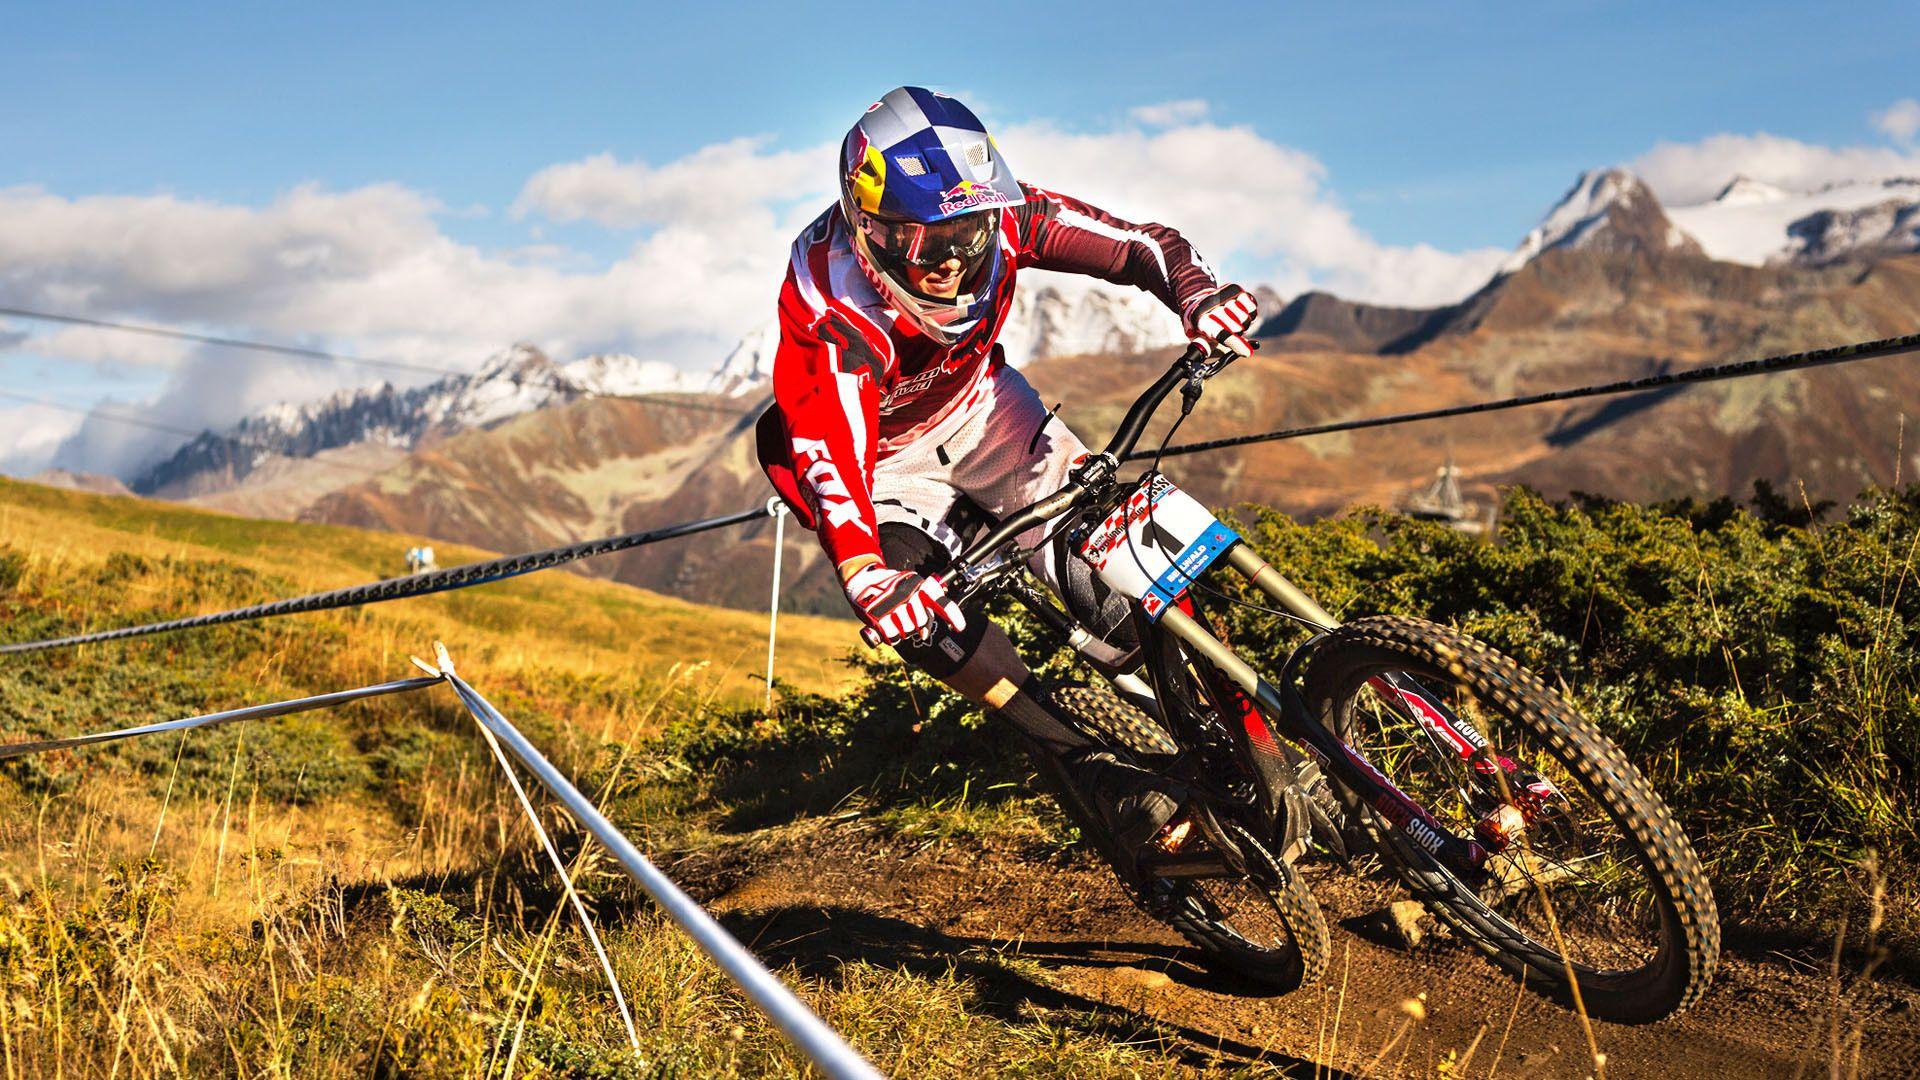 Downhill Wallpaper Hd 35545 Bicicletas Deportes Y Mtb